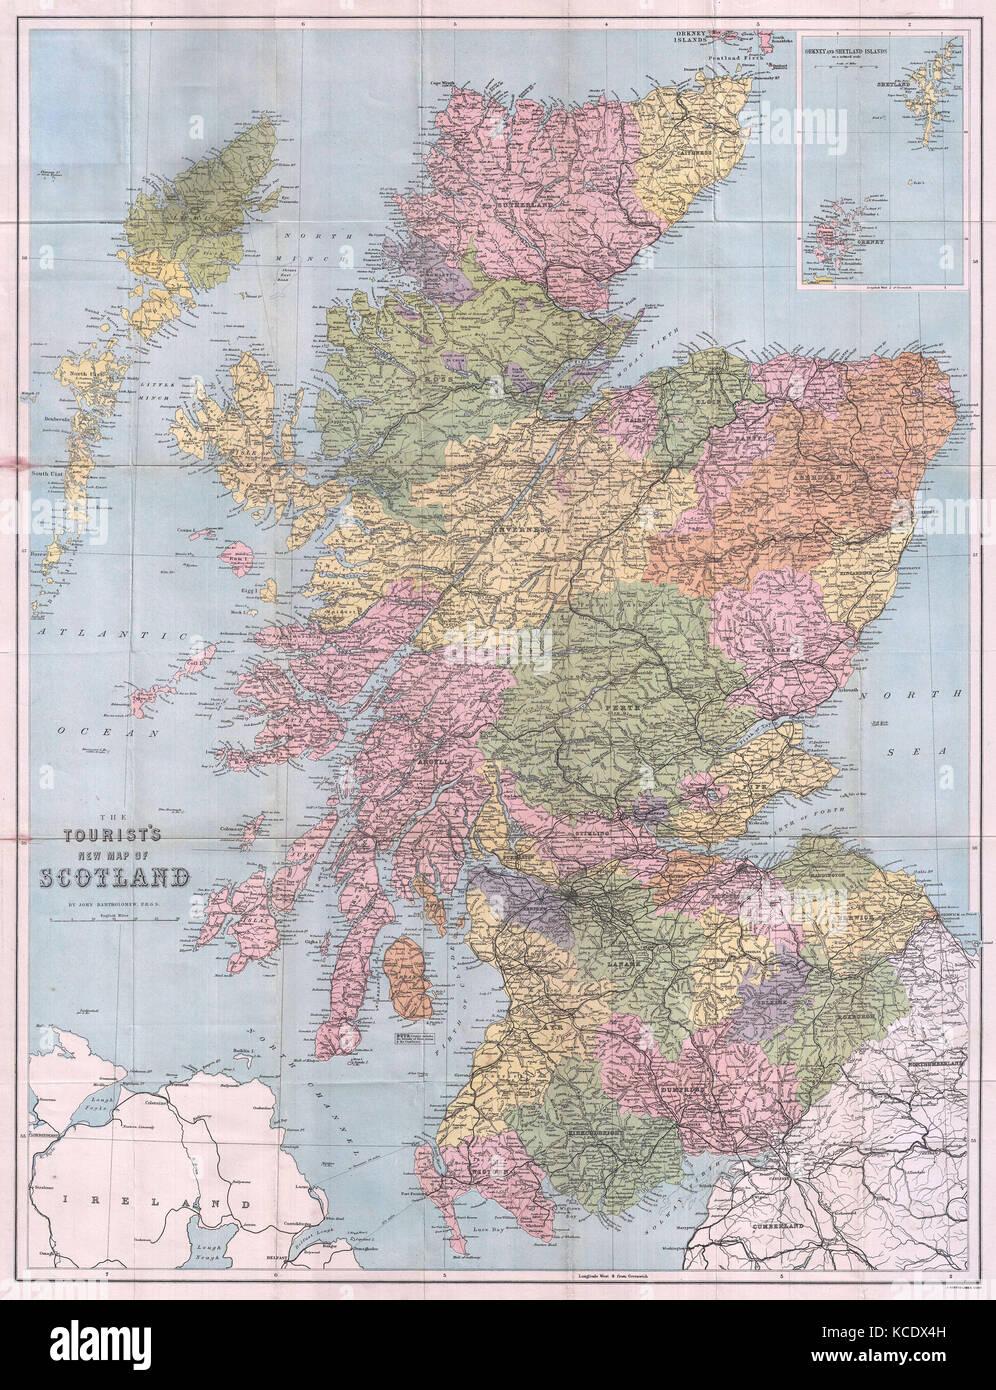 Cartina Geografica Della Scozia.1892 Turistico Della Nuova Mappa Della Scozia Foto Stock Alamy